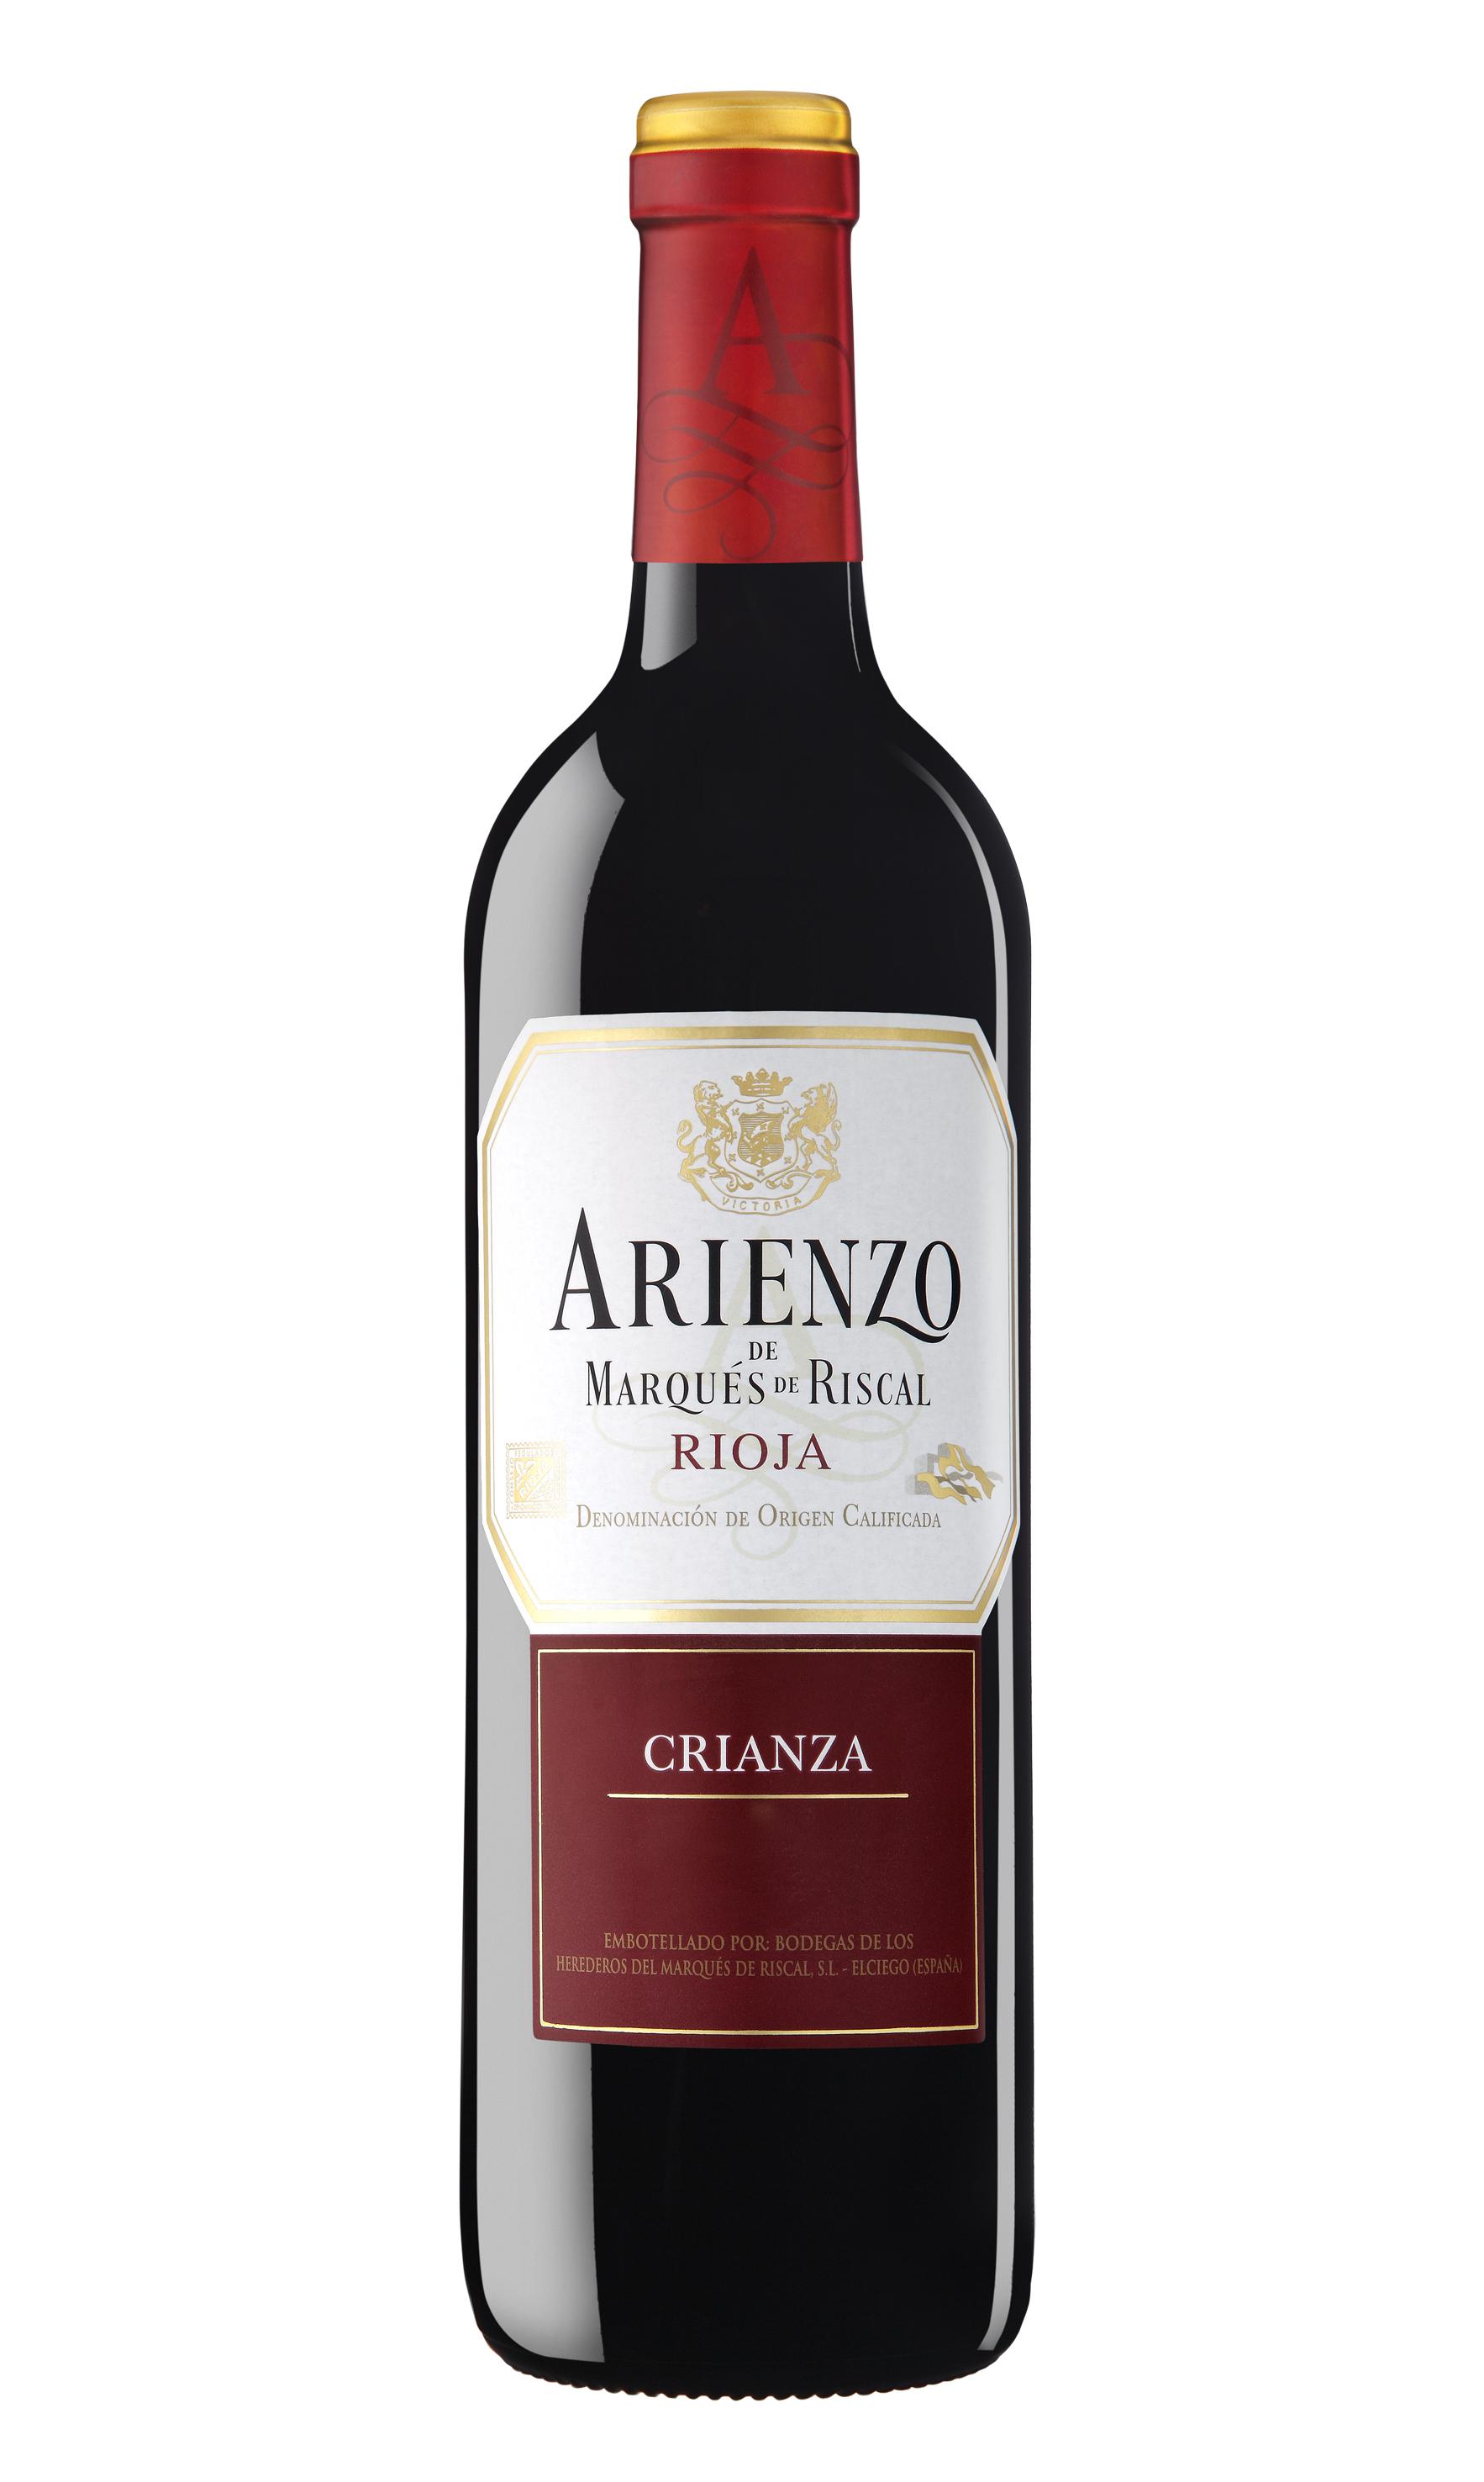 Arienzo Marques de Riscal